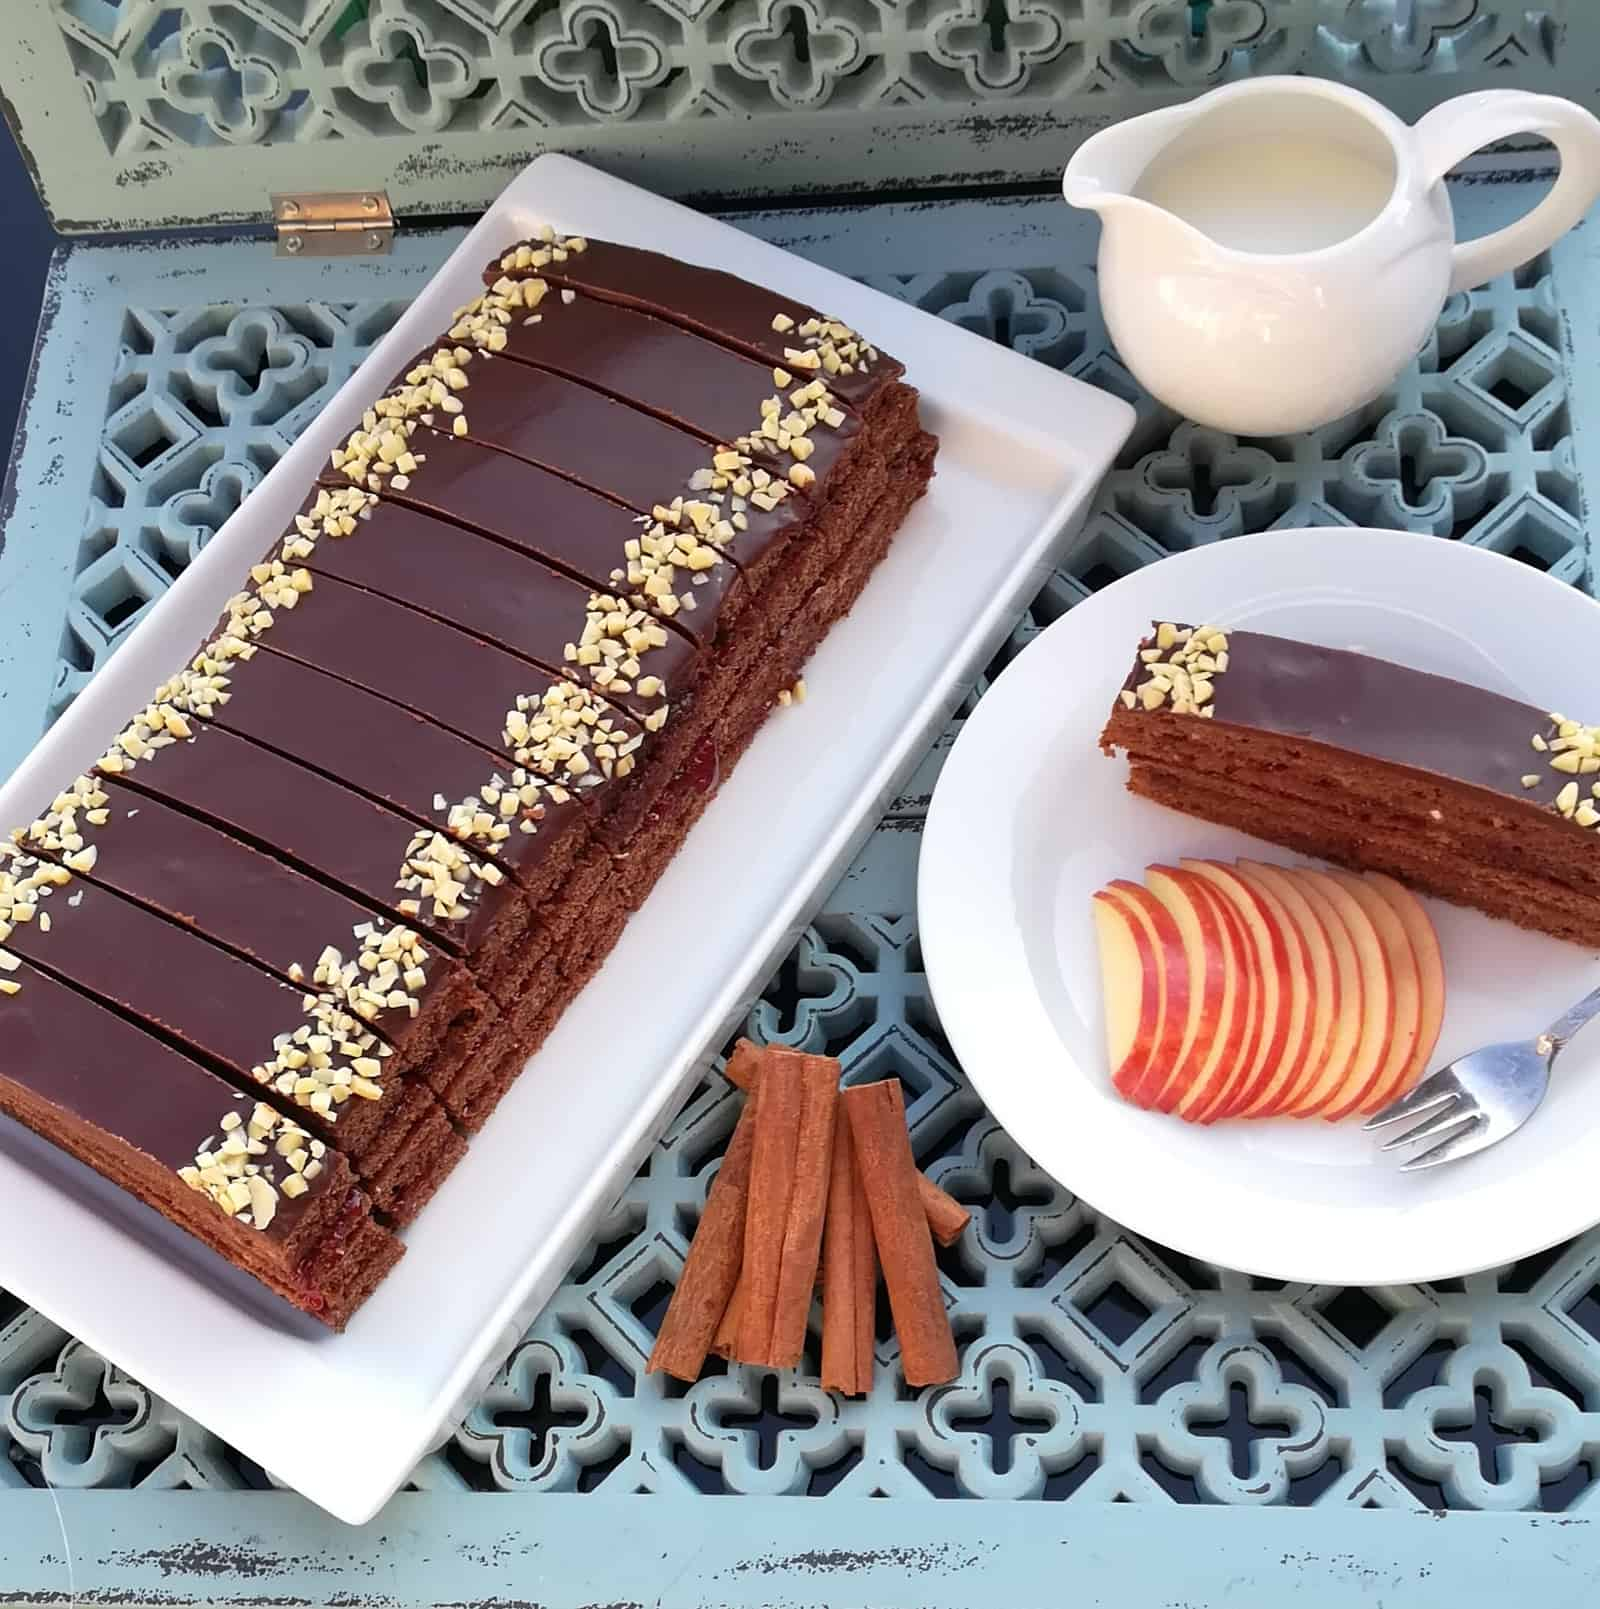 Gaštanový perník s kakaovou polevou